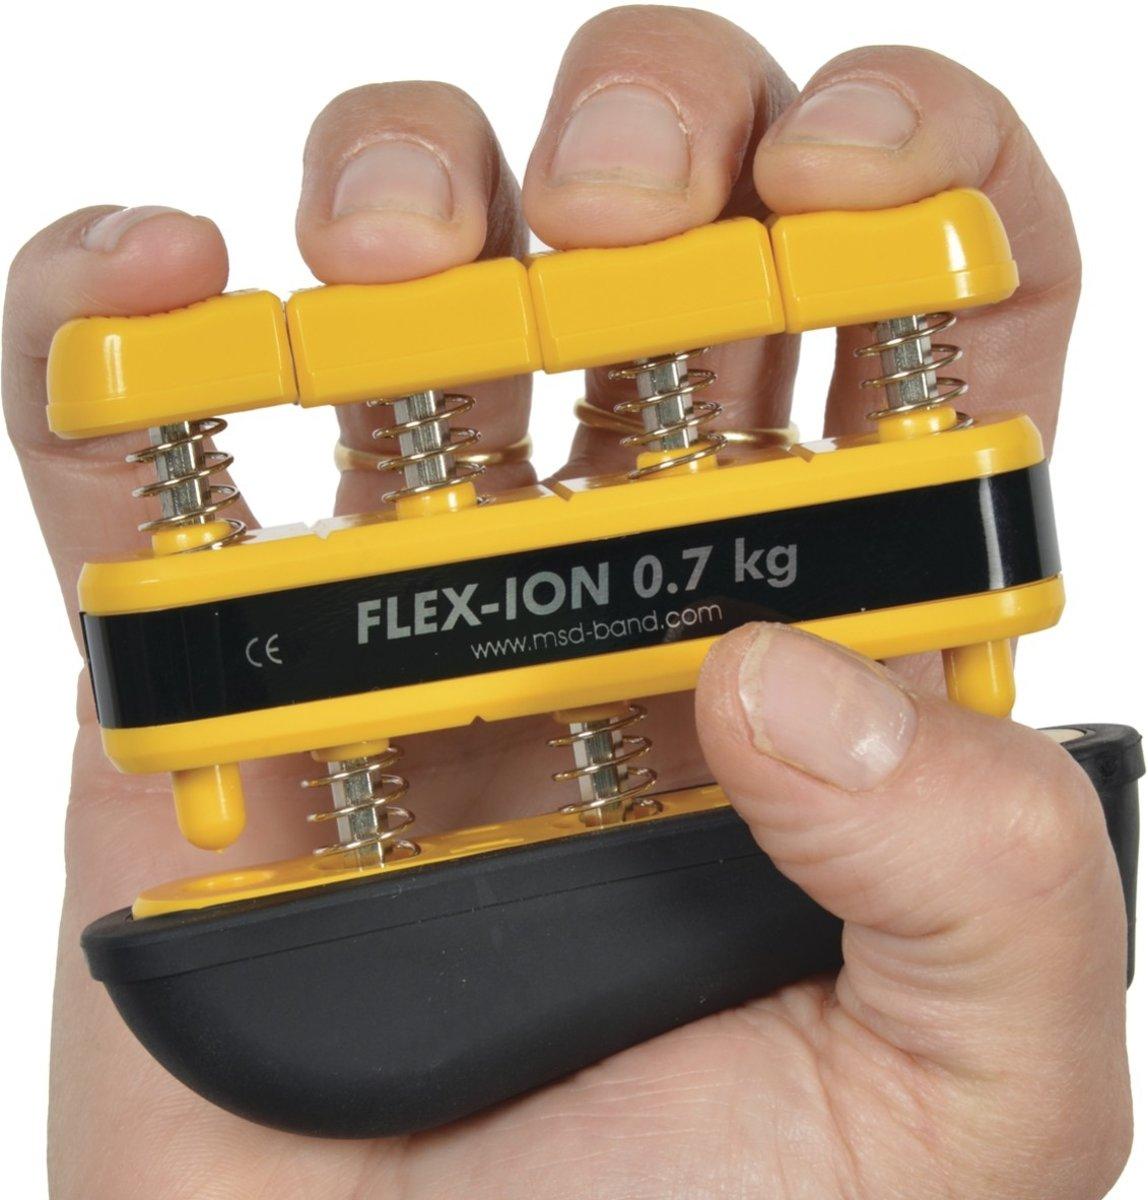 Vingertrainer Flex-ion geel 0,7 kg / 2,3 kg kopen